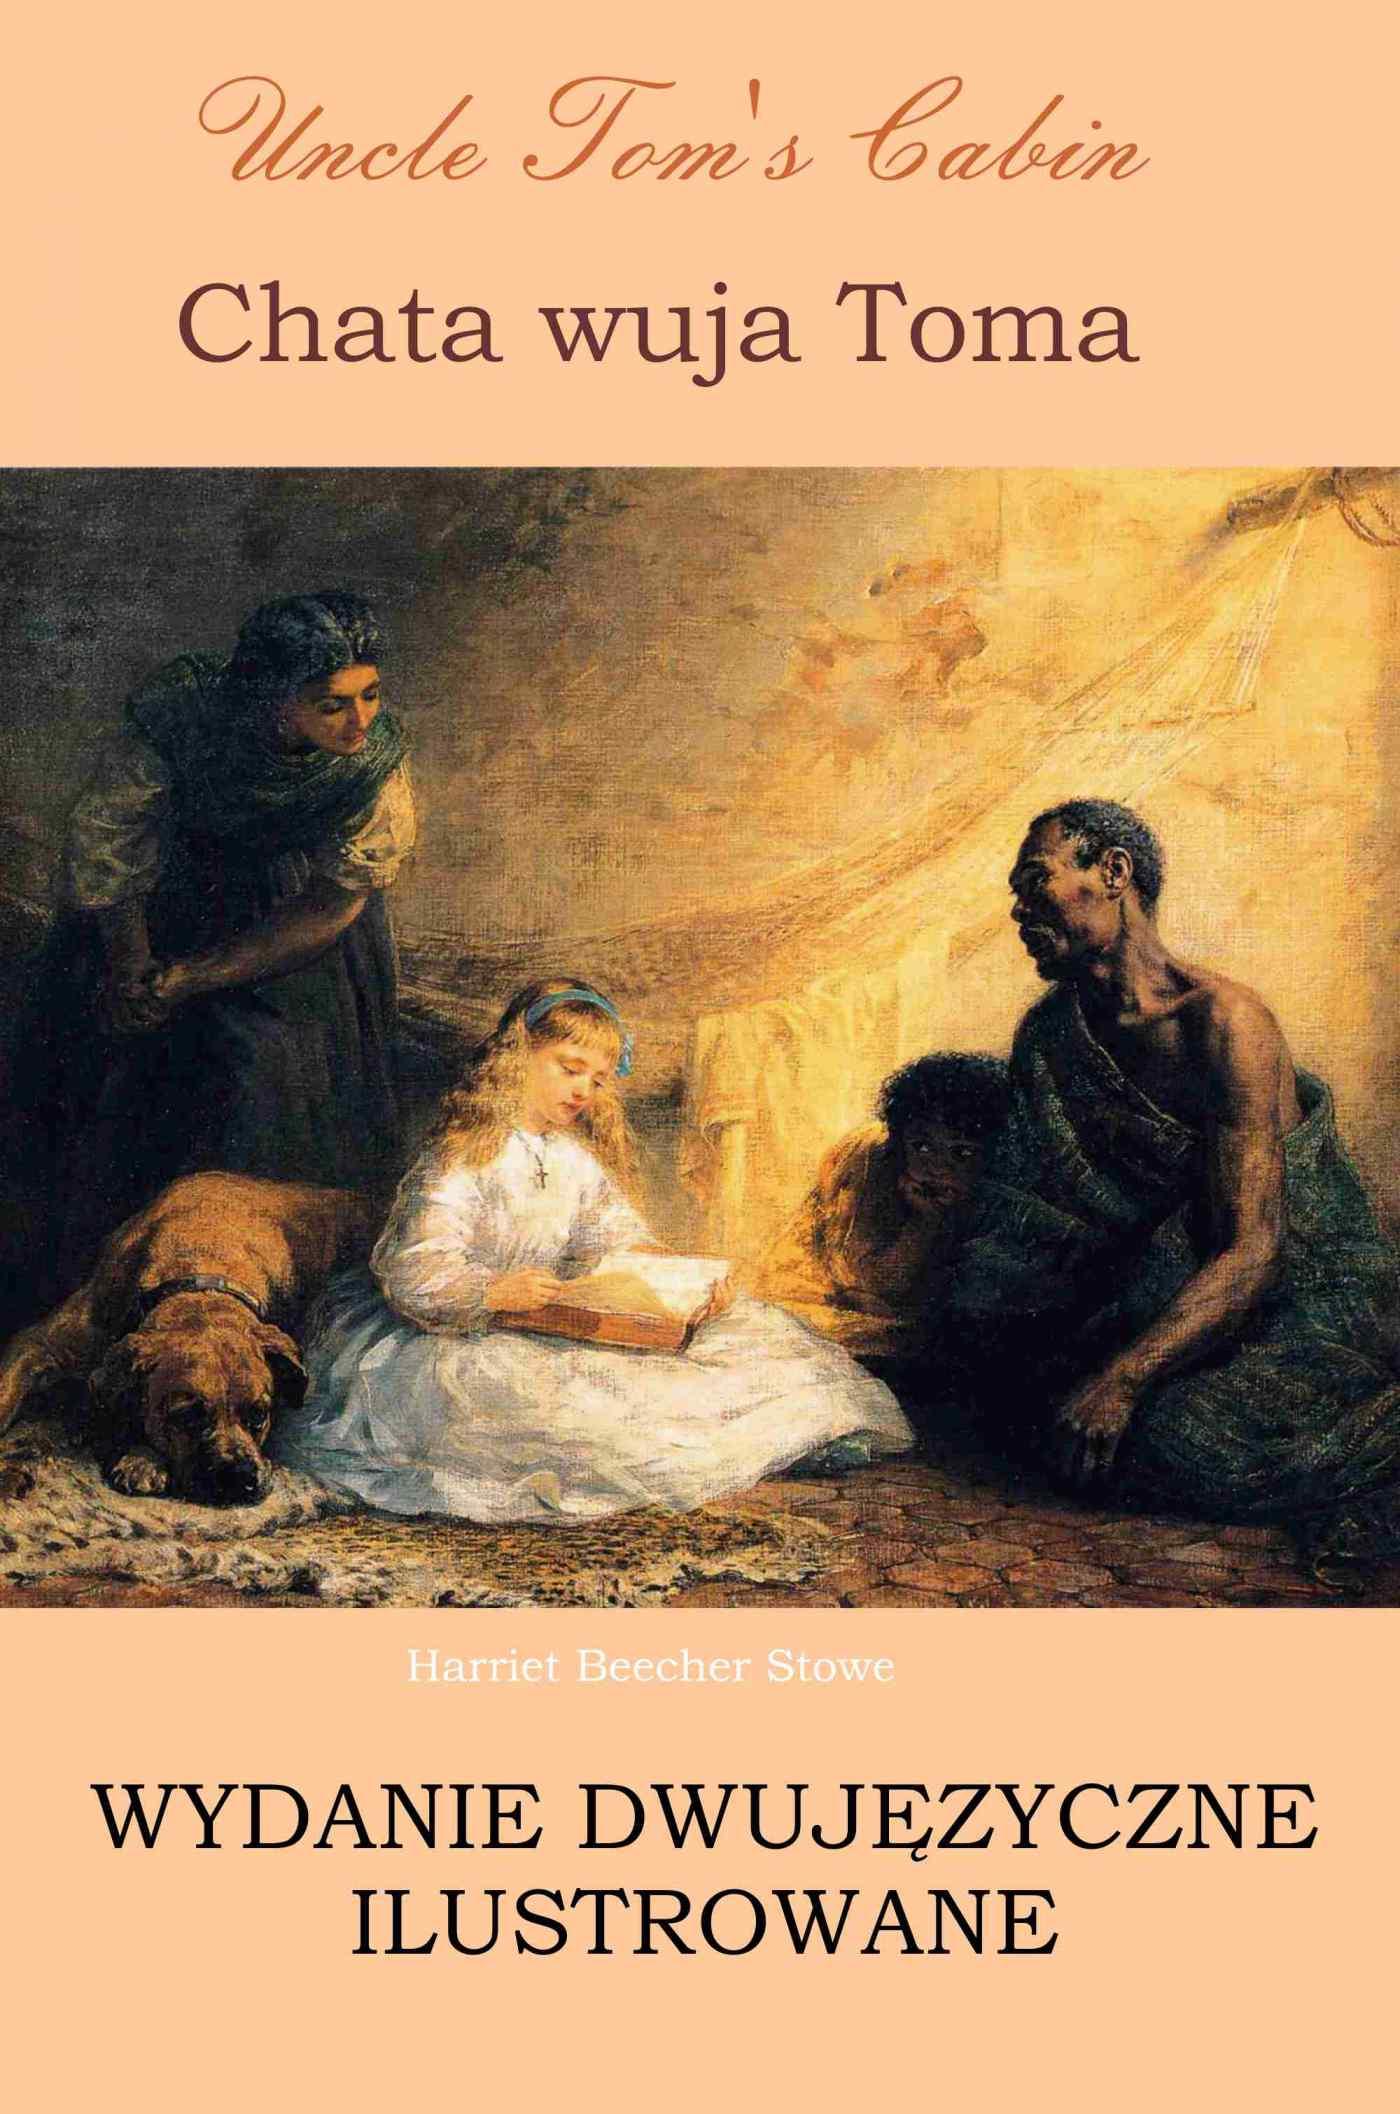 Chata wuja Toma. Wydanie dwujęzyczne ilustrowane - Ebook (Książka PDF) do pobrania w formacie PDF